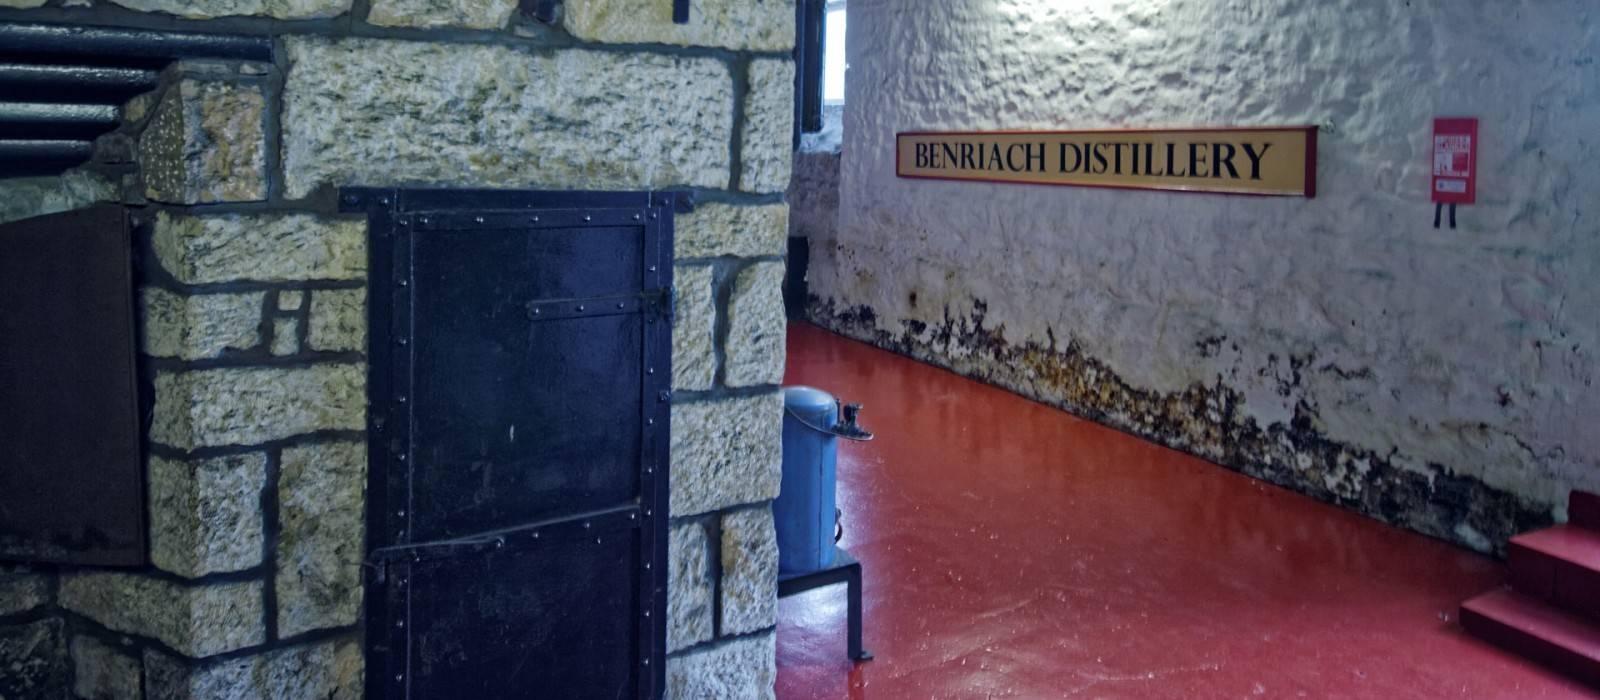 BenRiach Kiln-Ofen